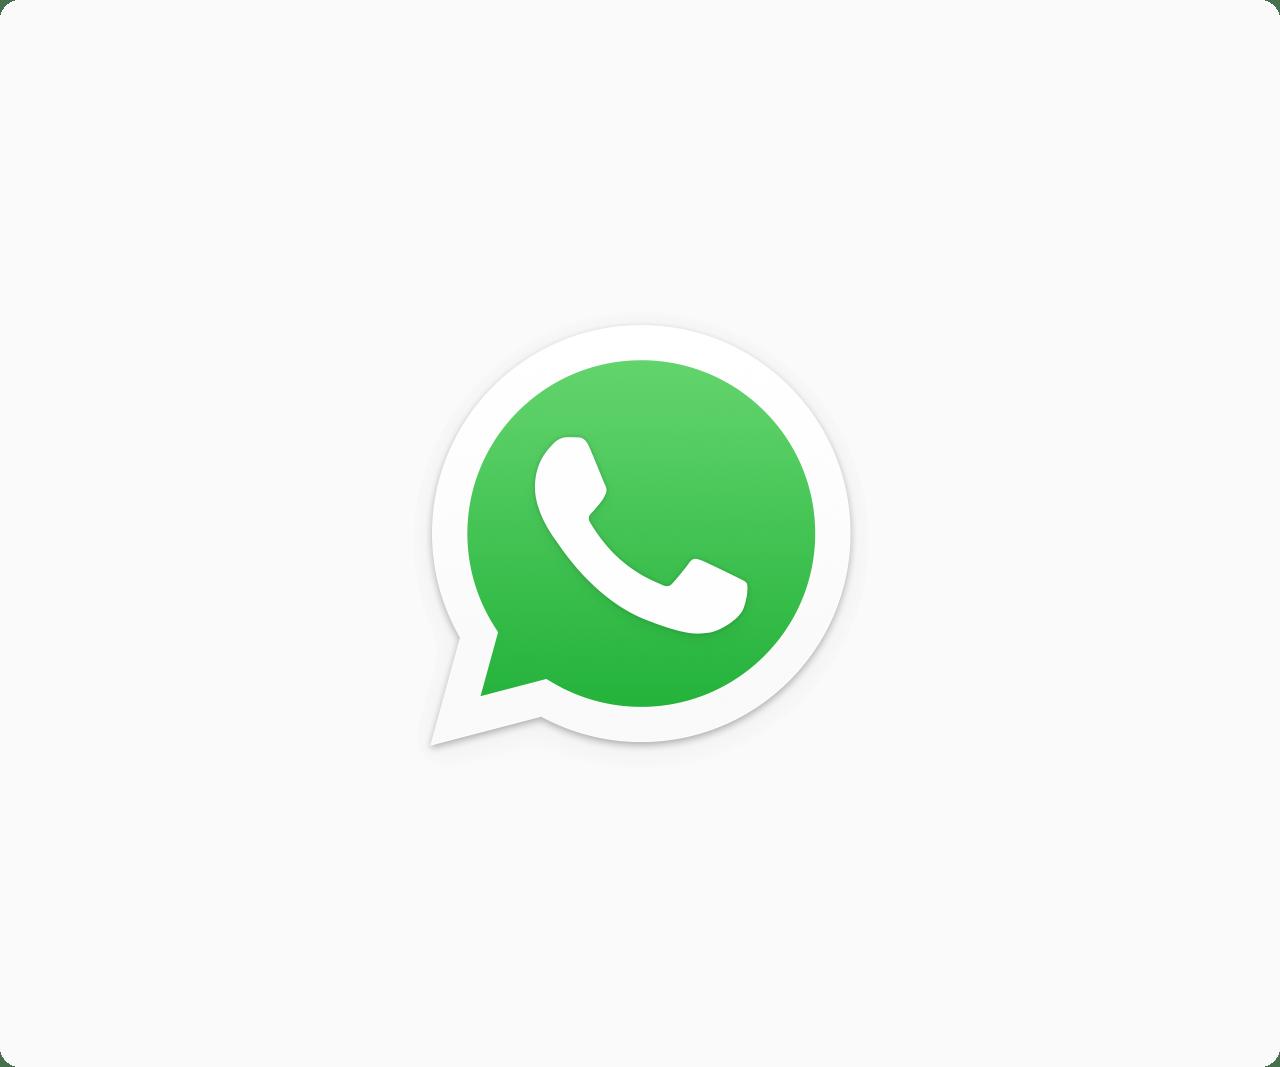 Resultado de imagem para logotipo do whatsapp